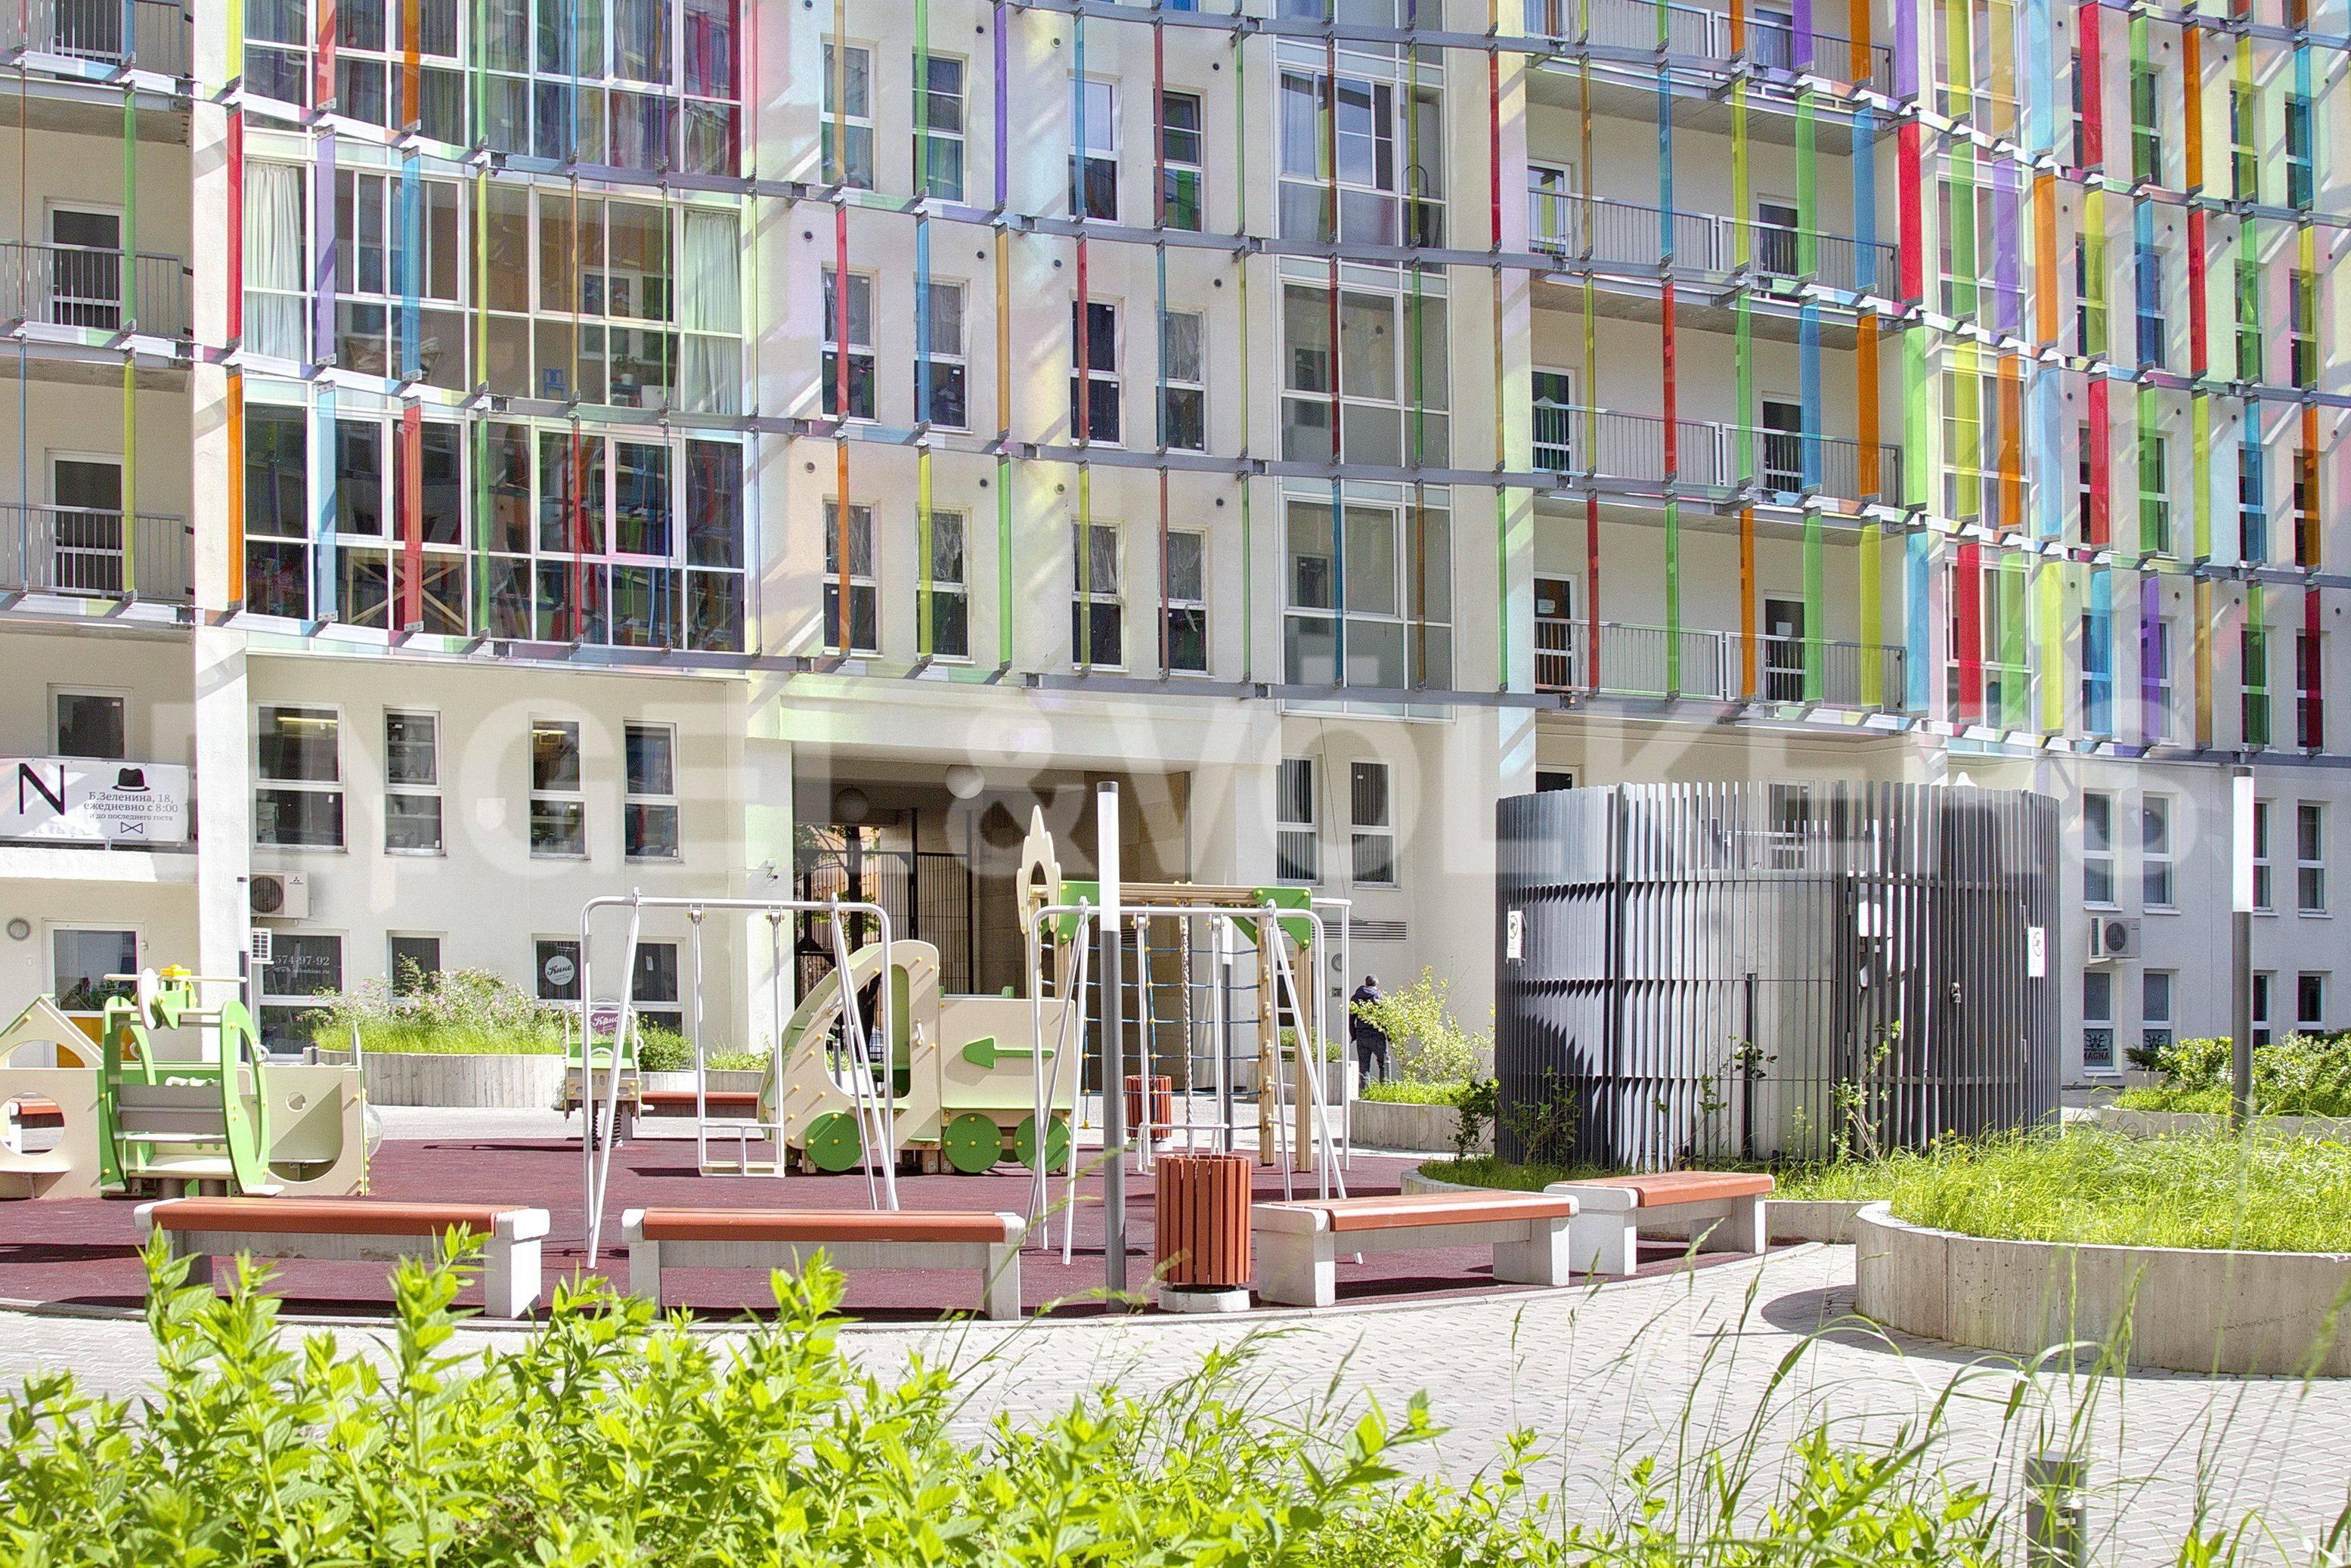 Элитные квартиры в Петроградском районе. Санкт-Петербург, Корпусная улица, 9. Внутренняя территория комплекса